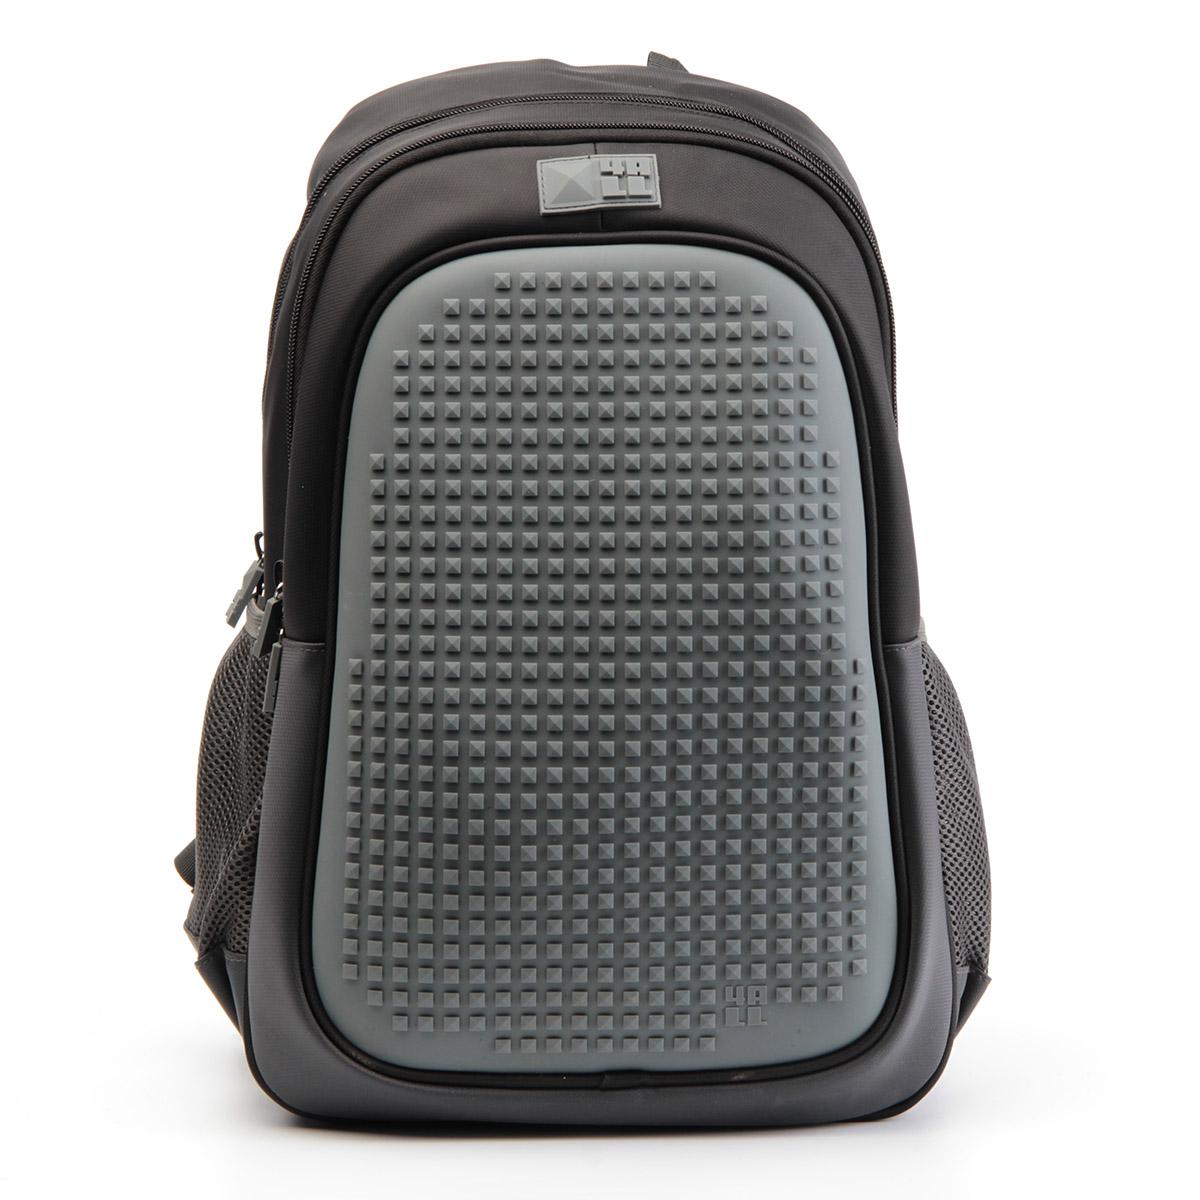 4ALL Рюкзак Case цвет черныйRK61-10NРюкзак 4ALL - это одновременно яркий, функциональный школьный аксессуар и площадка для самовыражения. Уникальные рюкзаки Case имеют гипоаллергенную силиконовую панель и разноцветные мозаичные биты, с помощью которых на рюкзаке можно создавать графические шедевры хоть каждый день! Модель выполнена из полиэстера с водоотталкивающей пропиткой. Рюкзак имеет 2 отделения, снаружи расположены 2 боковых сетчатых кармана. Система Air Comfort System обеспечивает свободную циркуляцию воздуха между задней стенкой рюкзака и спиной ребенка. Система Ergo System служит равномерному распределению нагрузки на спину ребенка, сохранению правильной осанки. Она способна сделать рюкзак, наполненный учебниками, легким. Ортопедическая спинка как корсет поддерживает позвоночник, правильно распределяя нагрузку. Простая и удобная конструкция спины и лямок позволяет использовать рюкзак даже деткам от 3-х лет. Светоотражающие вставки отвечают за безопасность ребенка в темное время суток....